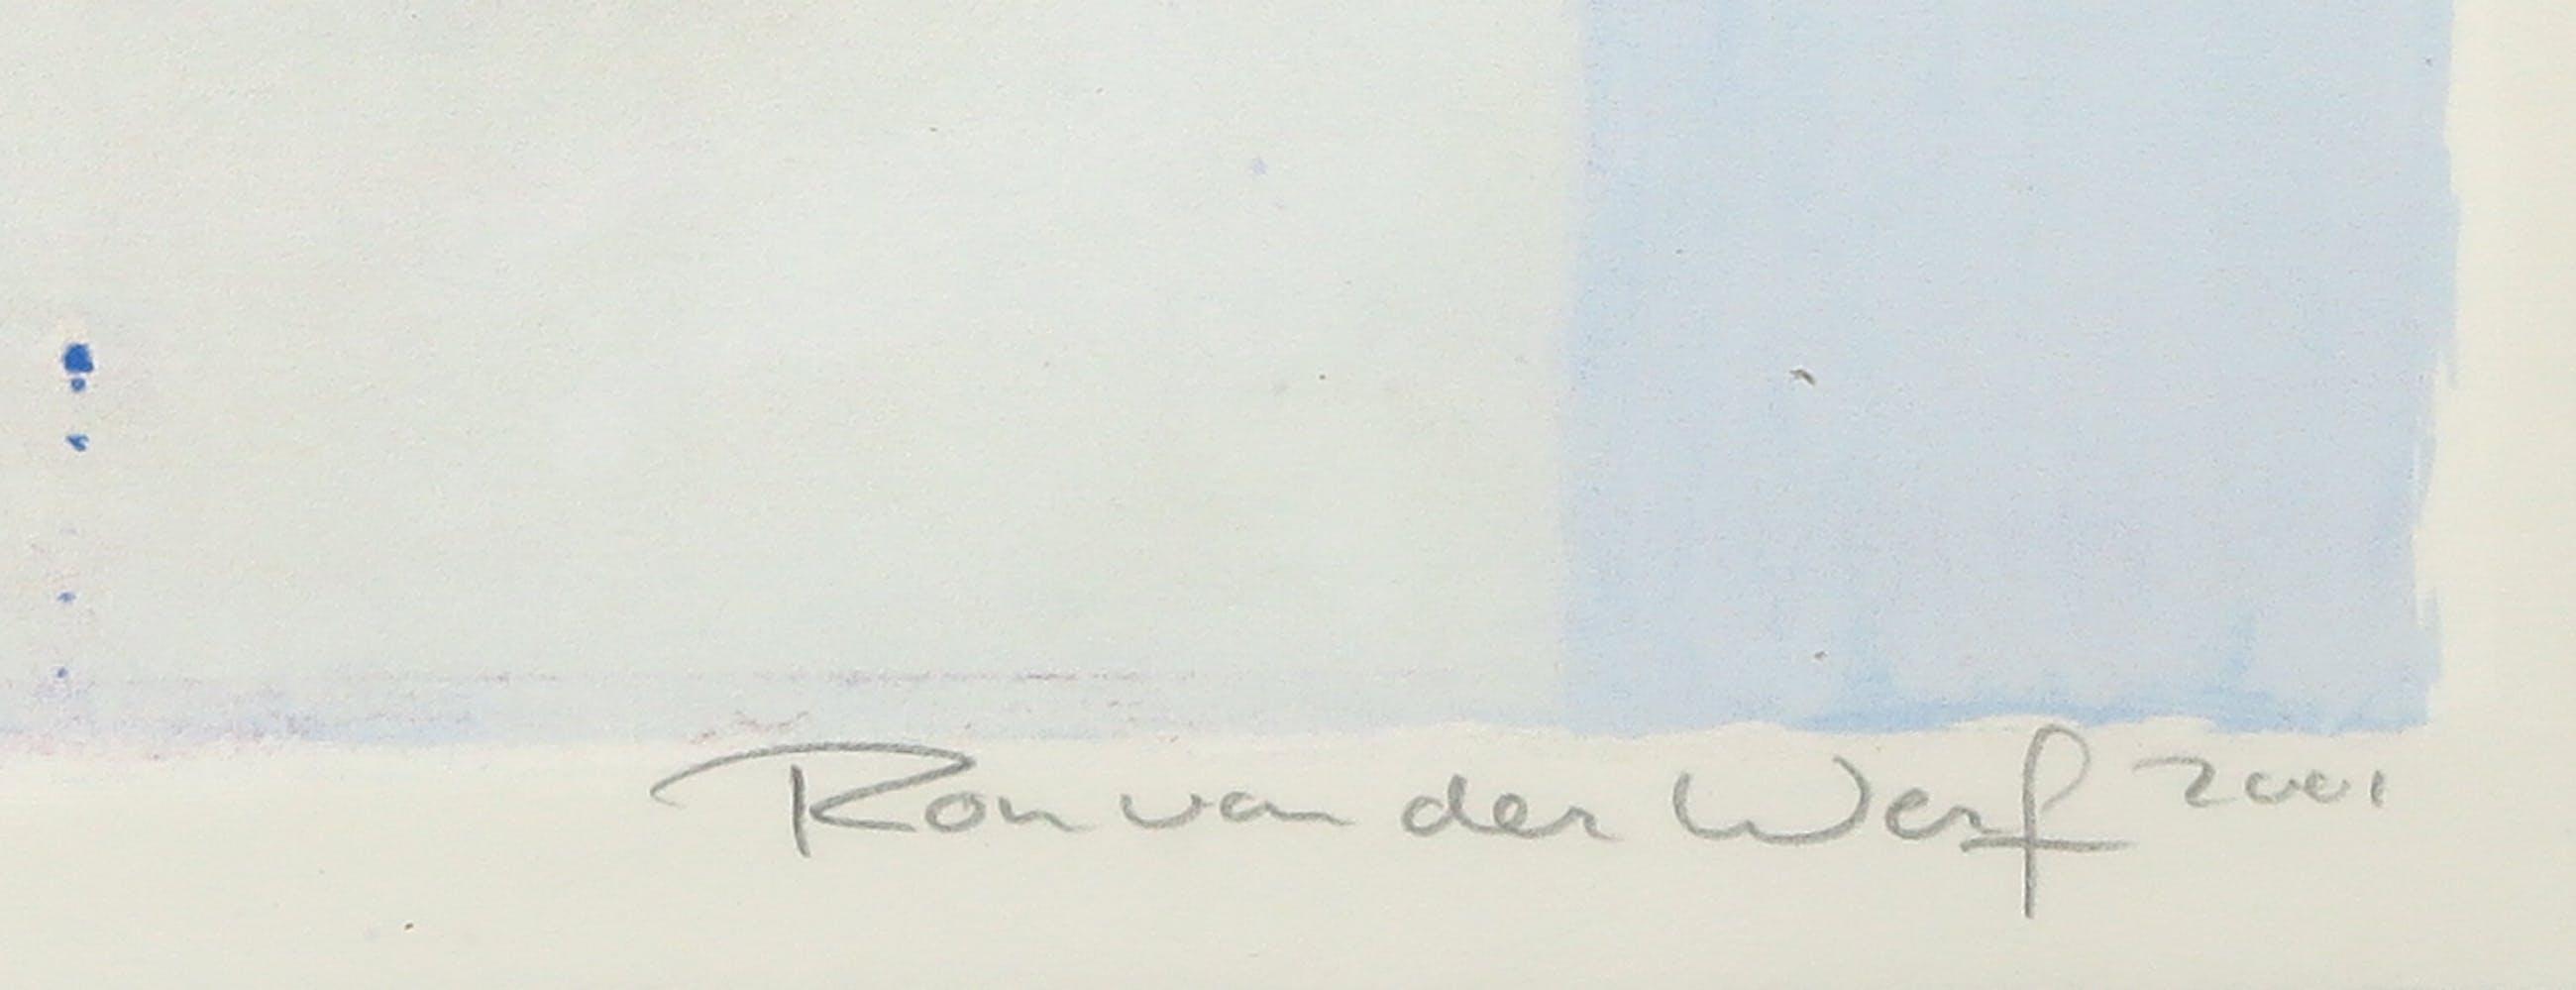 Ron van der Werf - Zeefdruk, Etude II - Ingelijst (Groot) kopen? Bied vanaf 35!